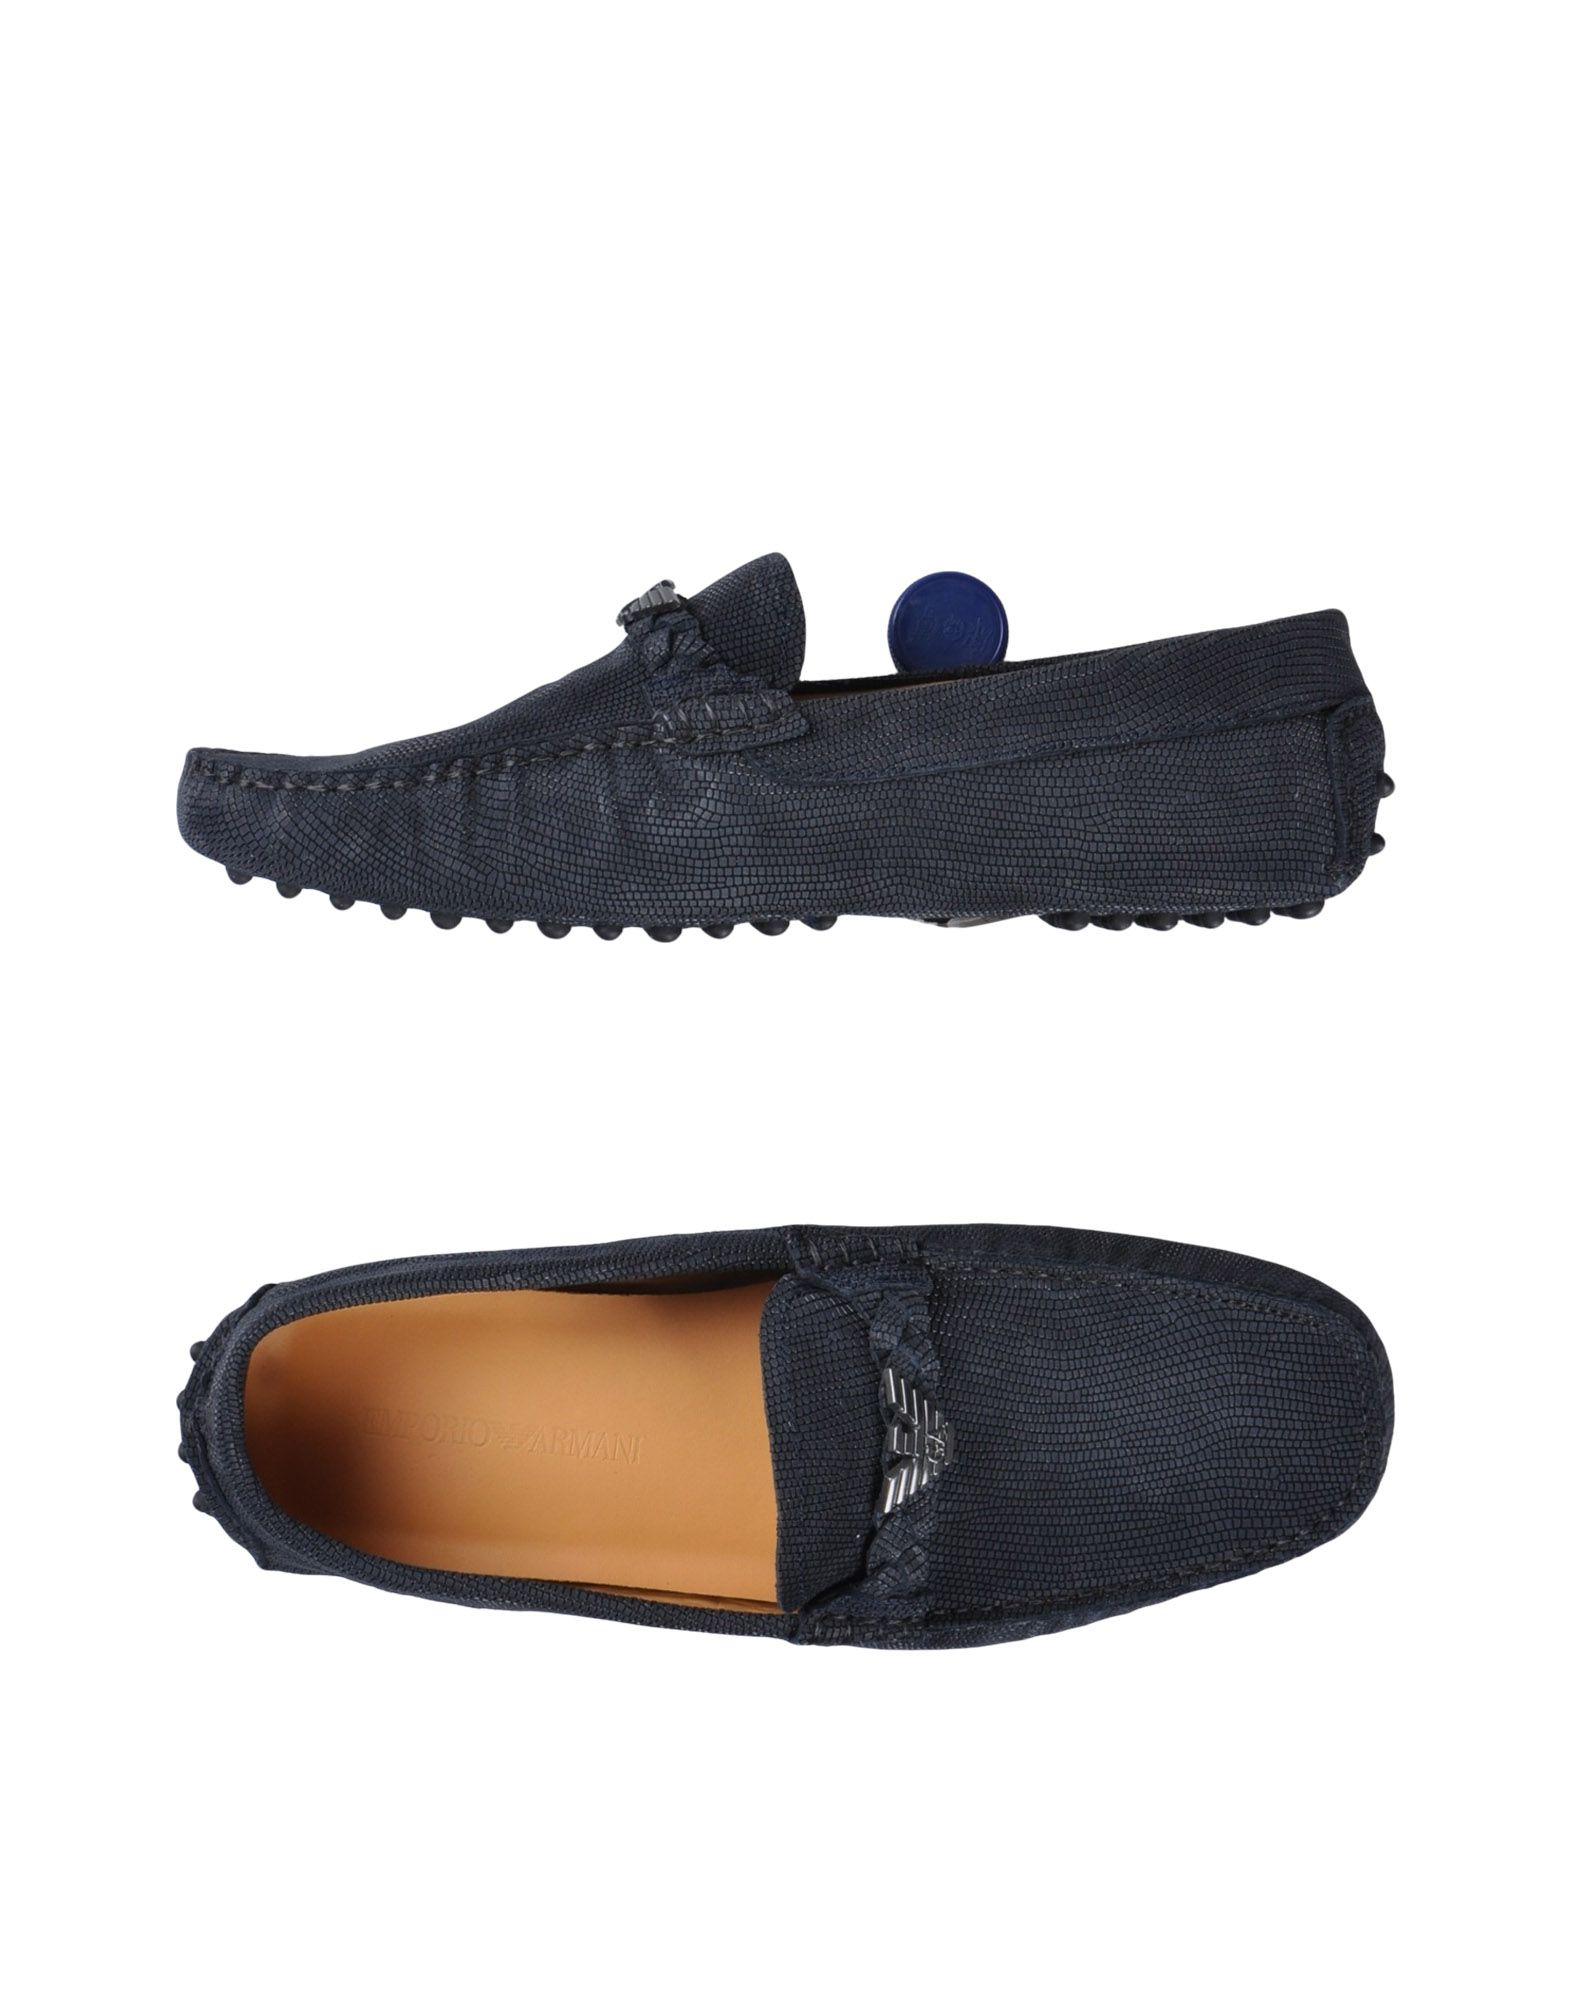 Emporio Armani Mokassins Herren  11451172XW Gute Qualität beliebte Schuhe